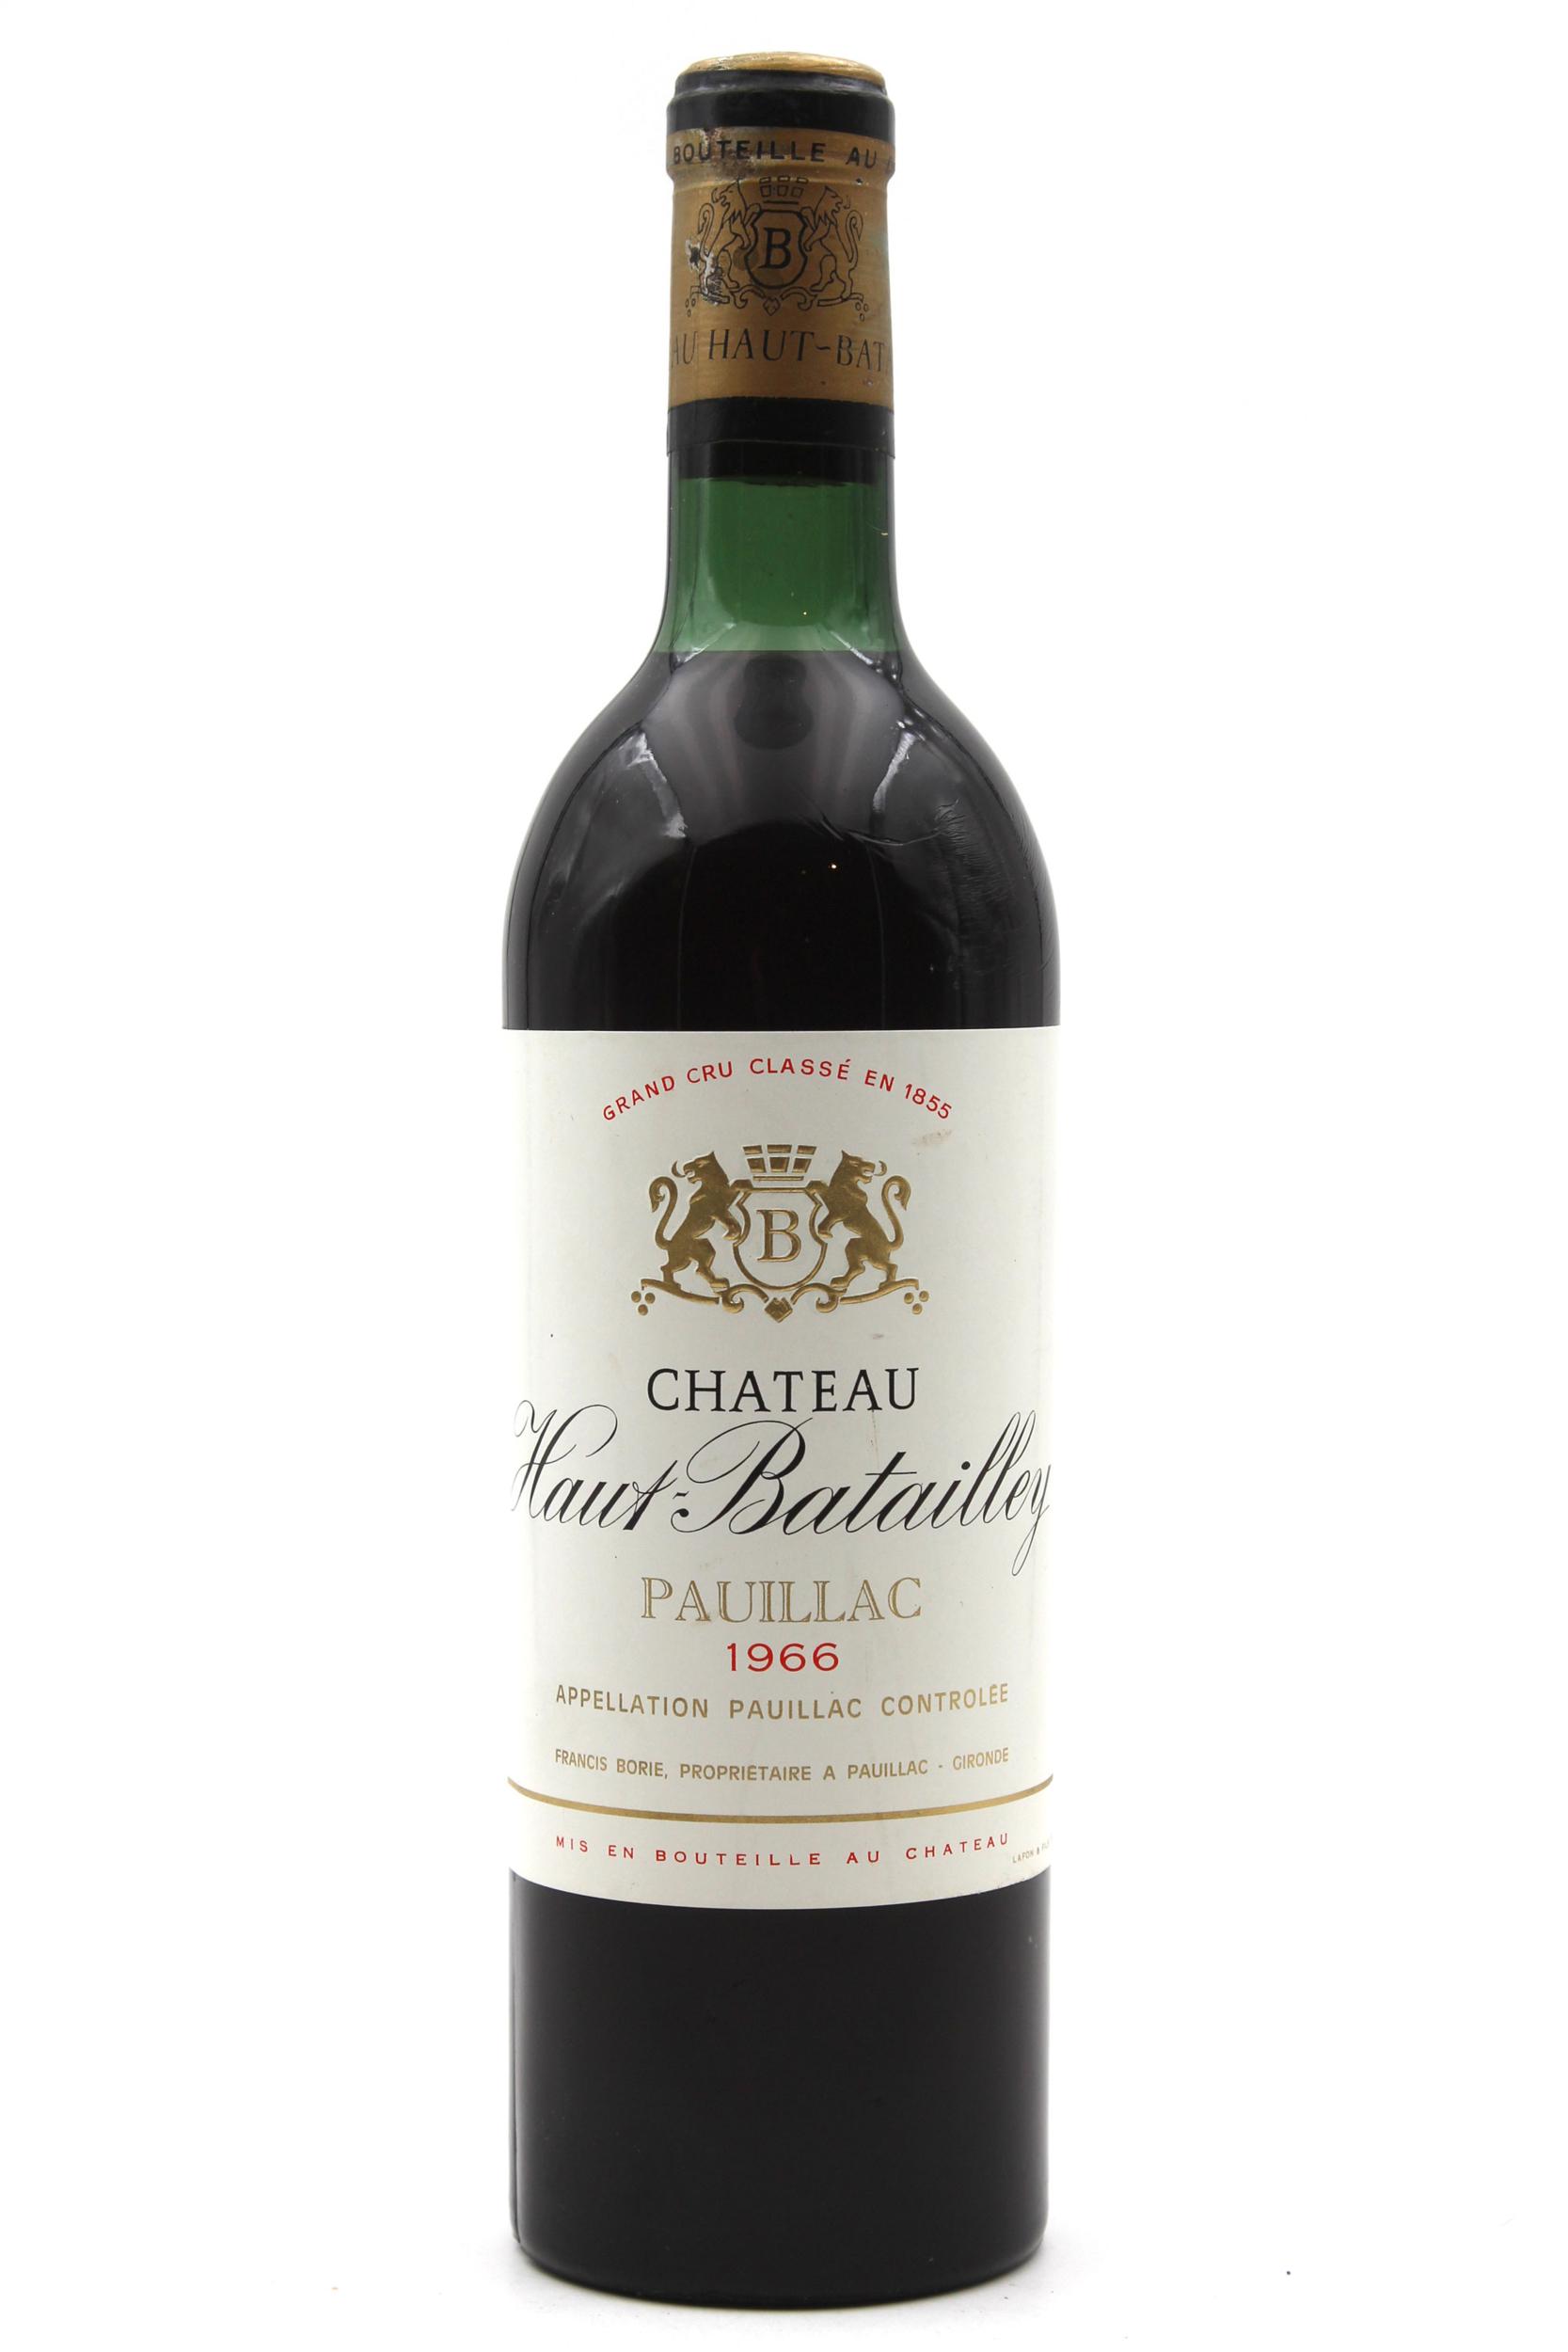 Château Haut Batailley 1966 Vin Rouge 75cl AOC Pauillac